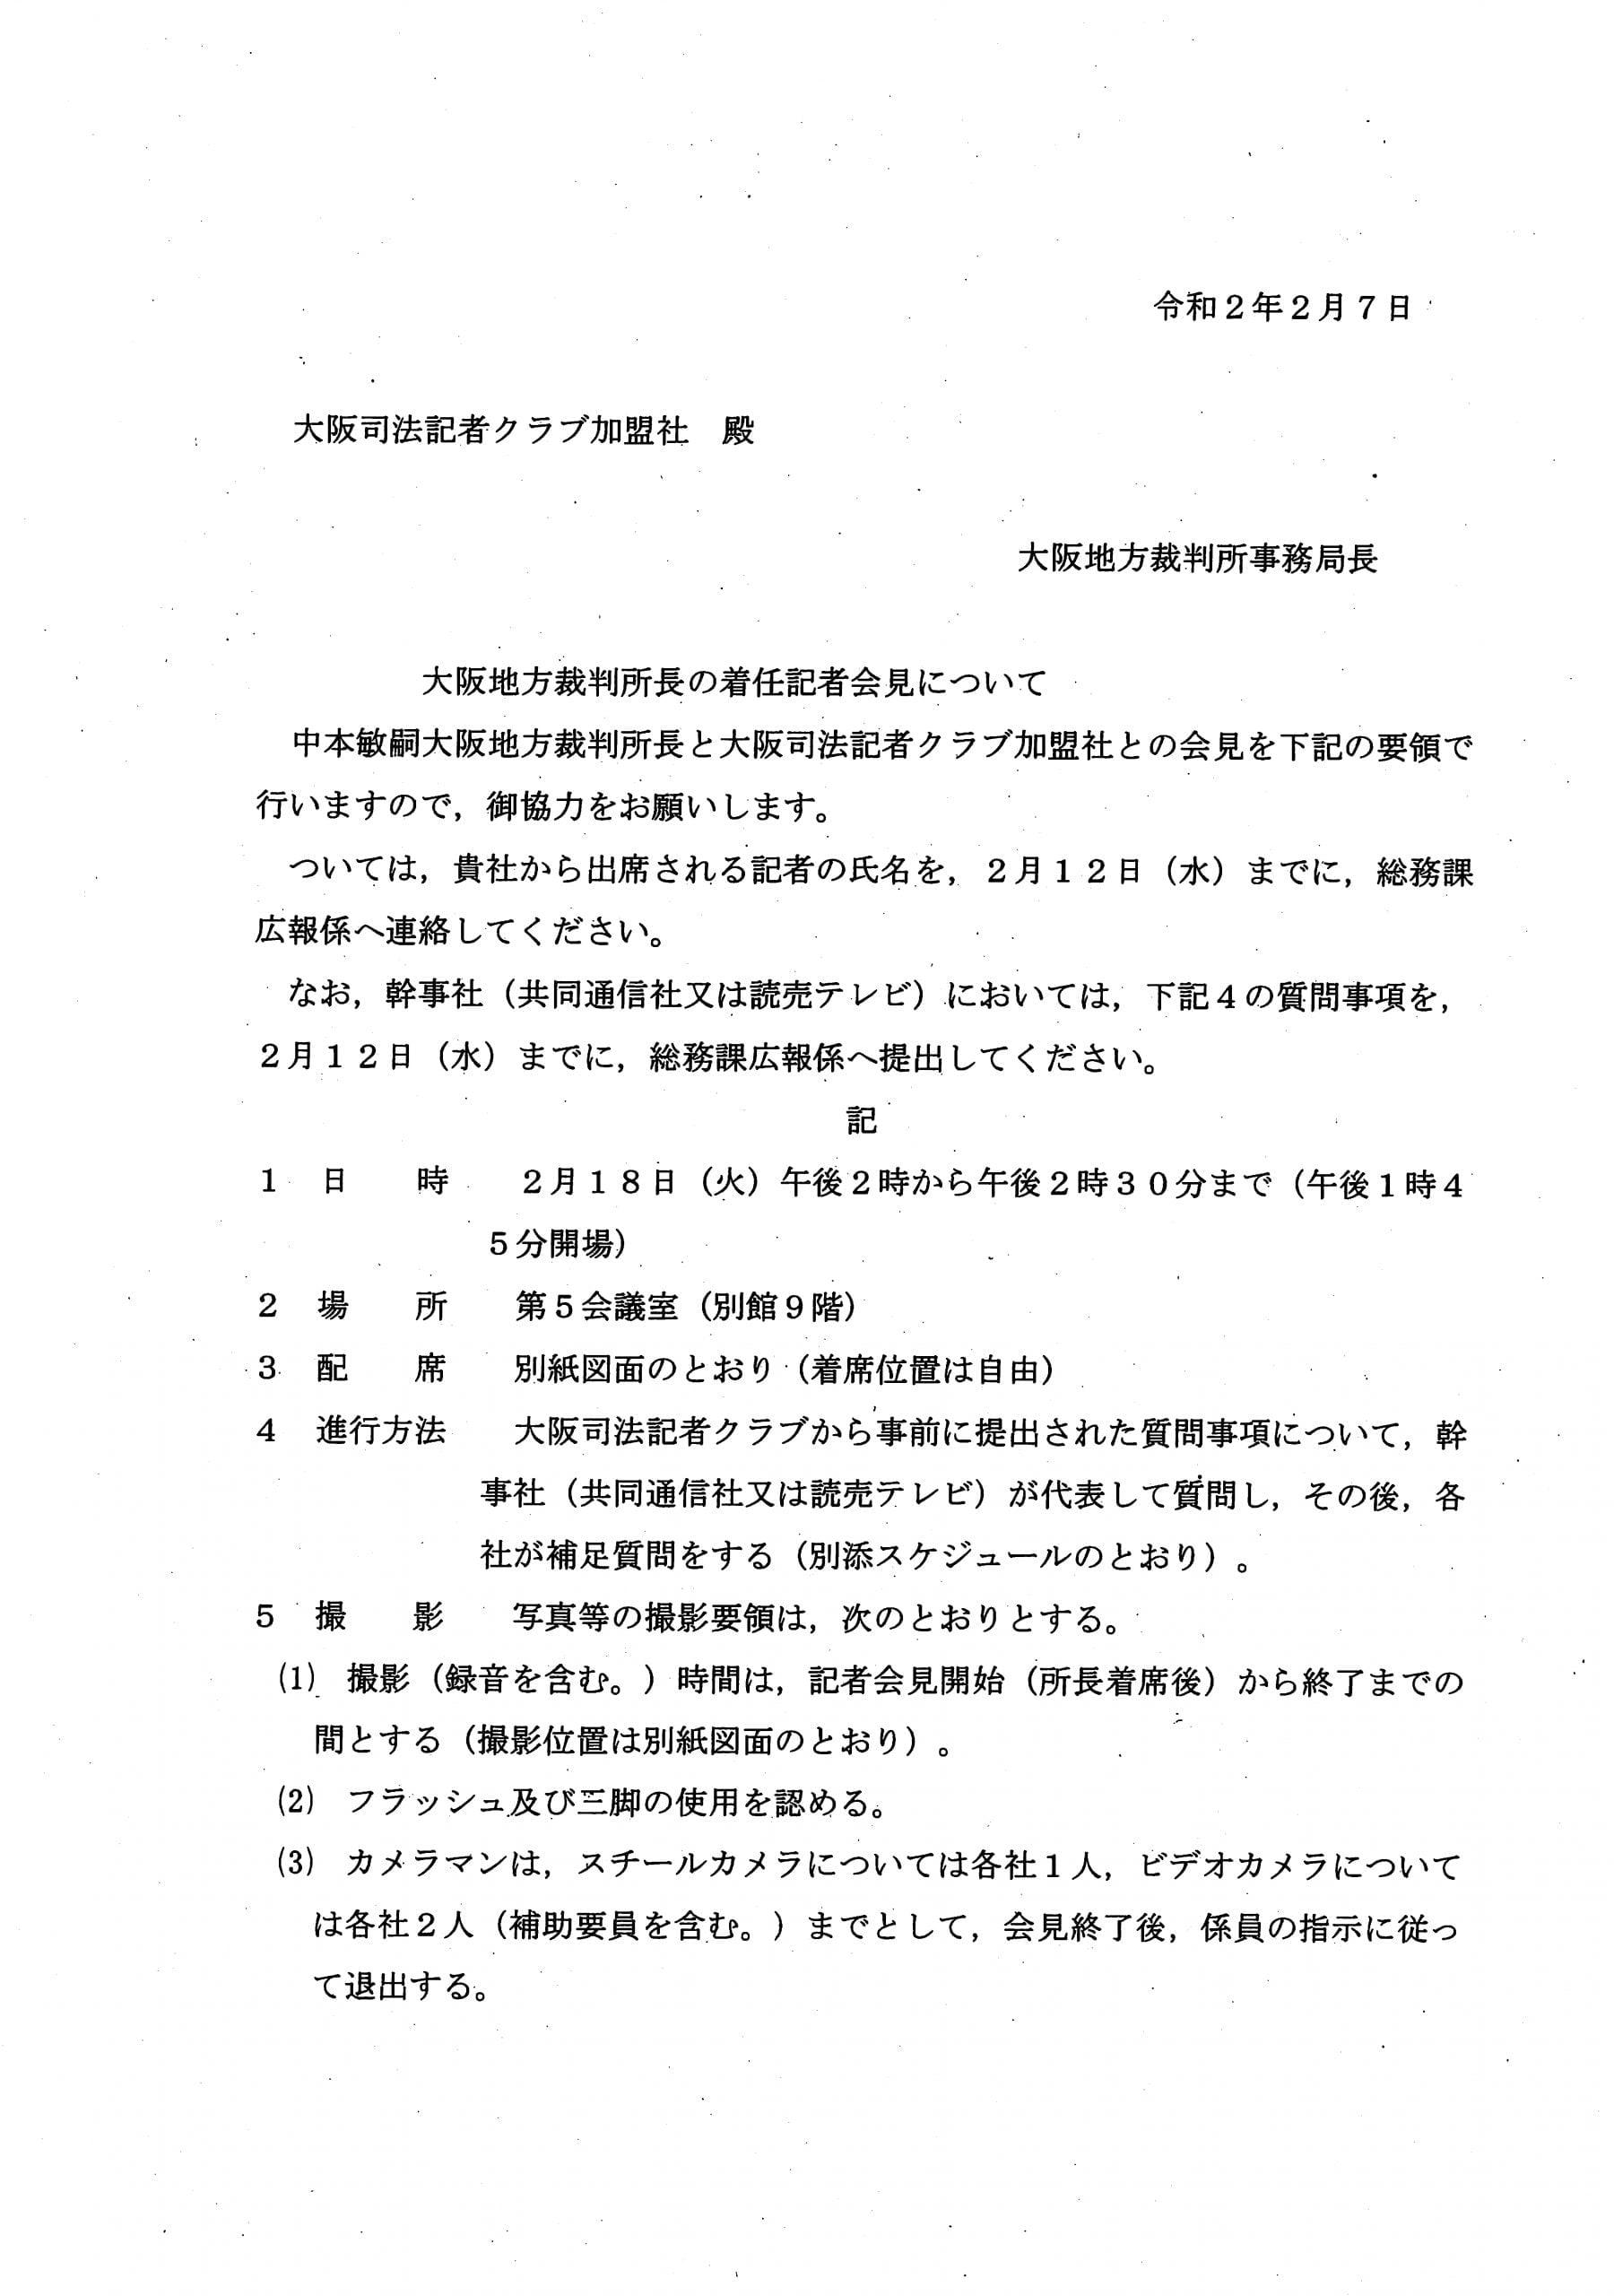 中本敏嗣裁判官(34期)の経歴 | 弁護士山中理司のブログ